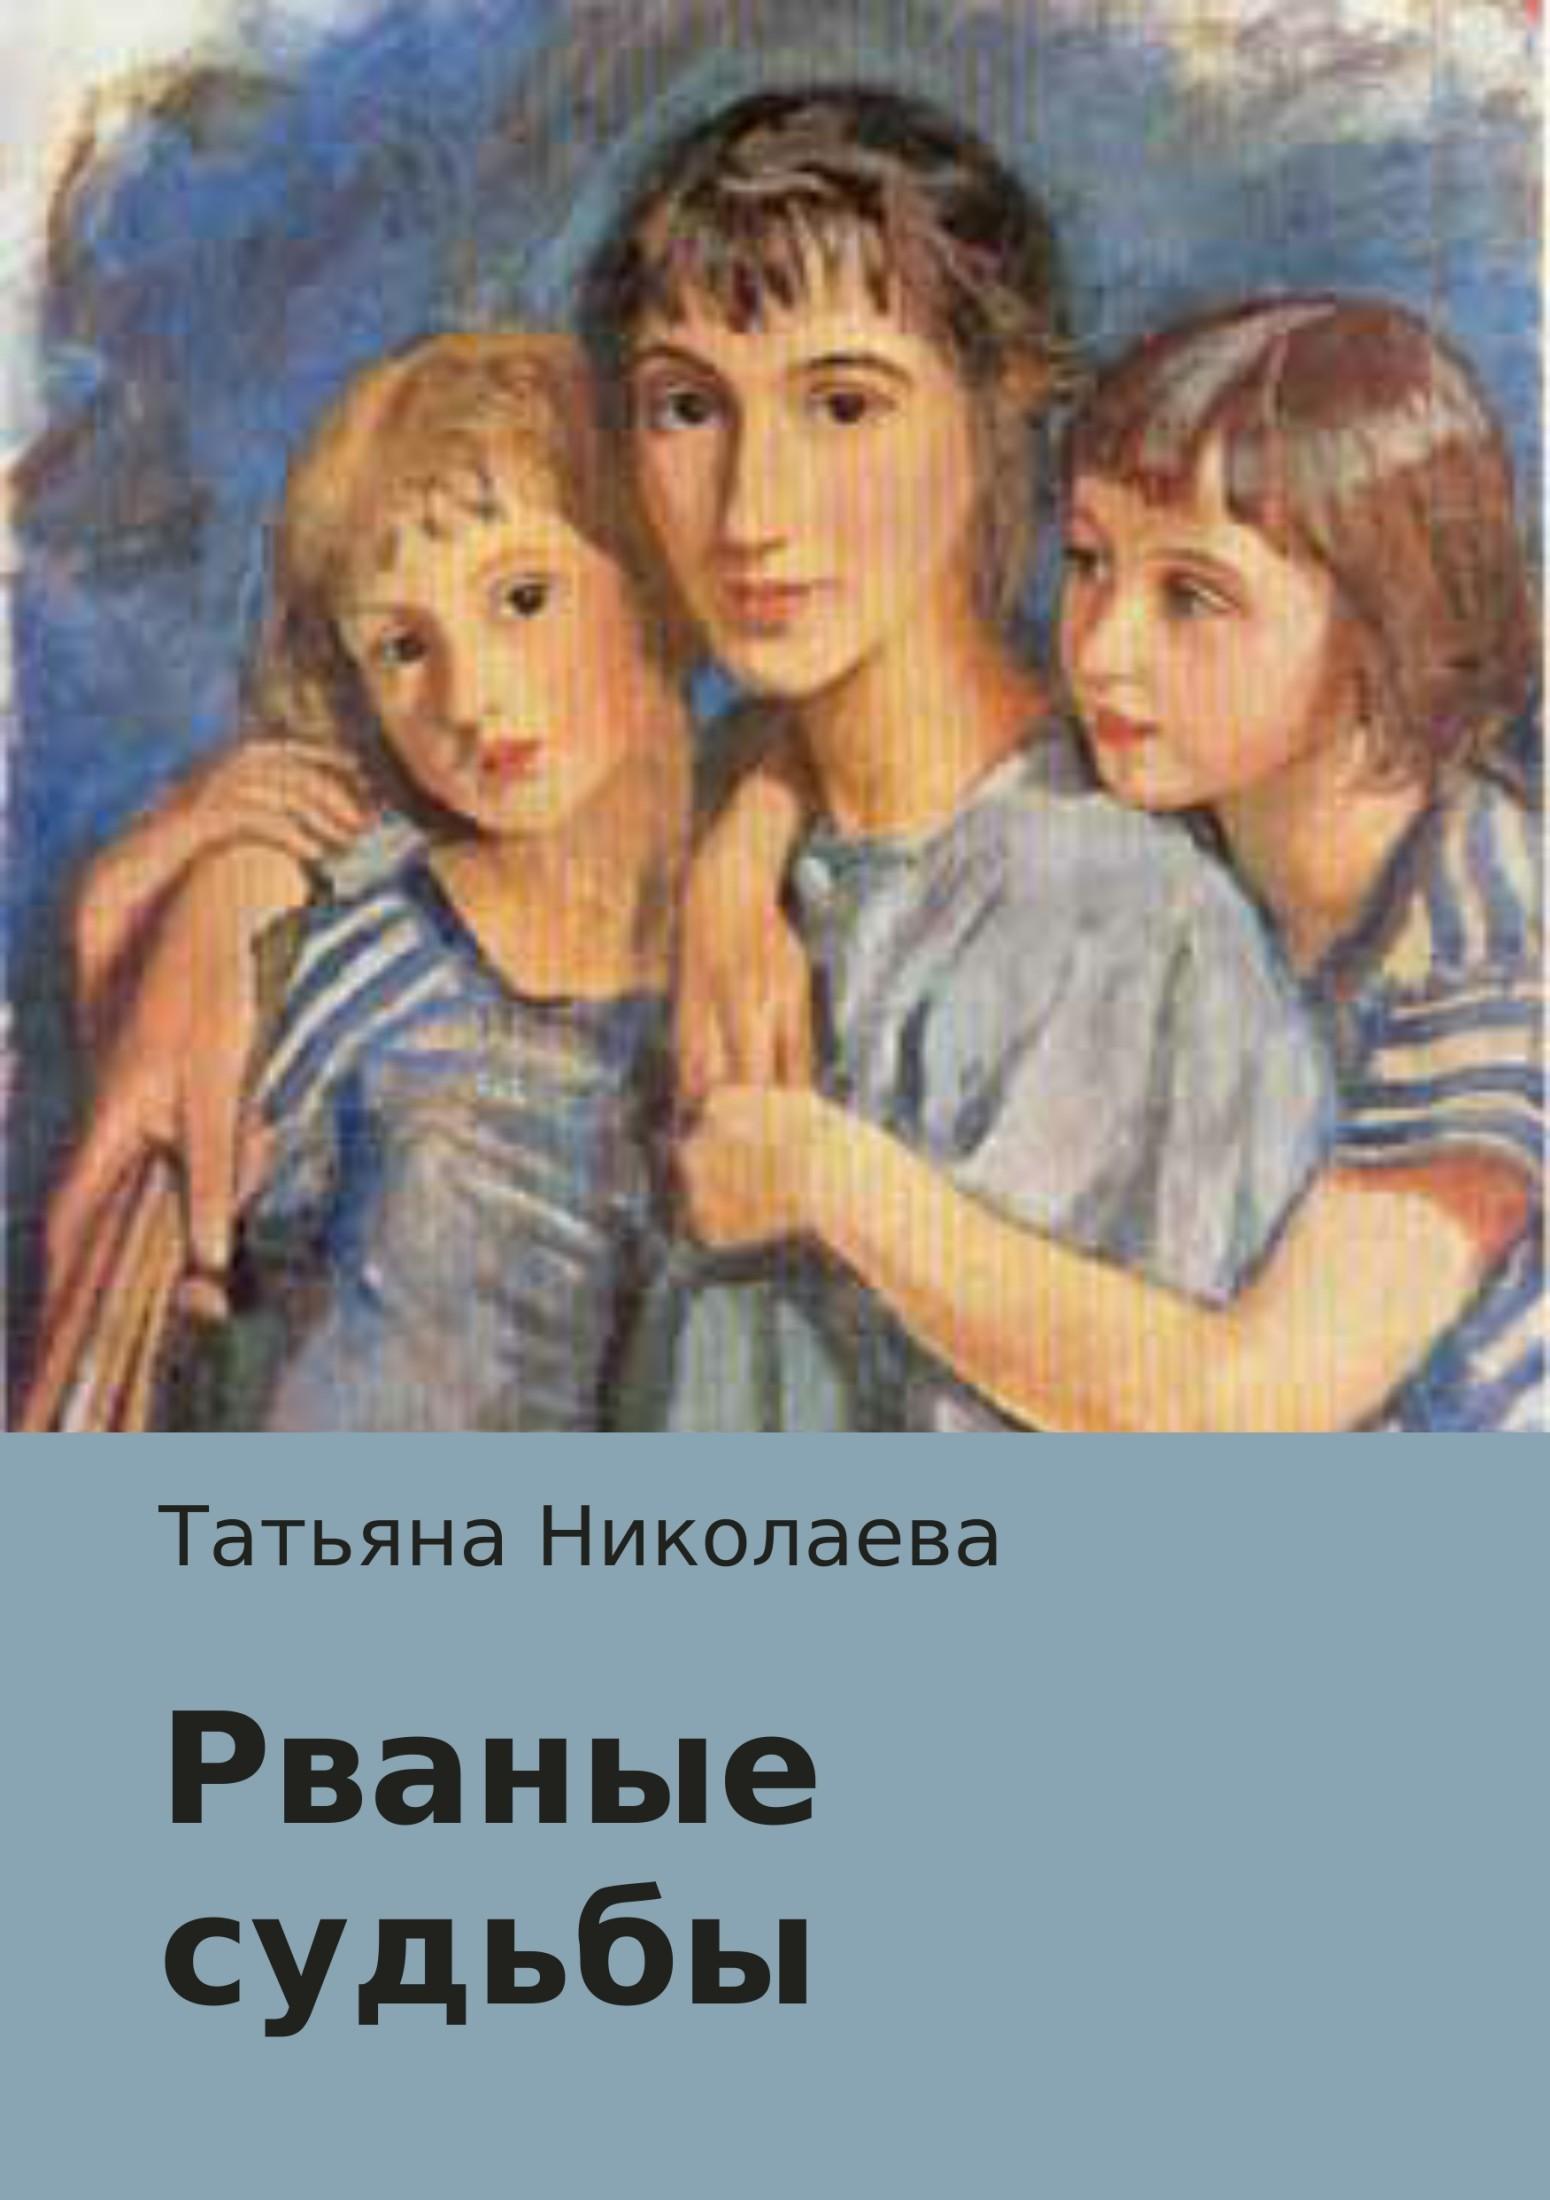 Татьяна Николаева. Рваные судьбы